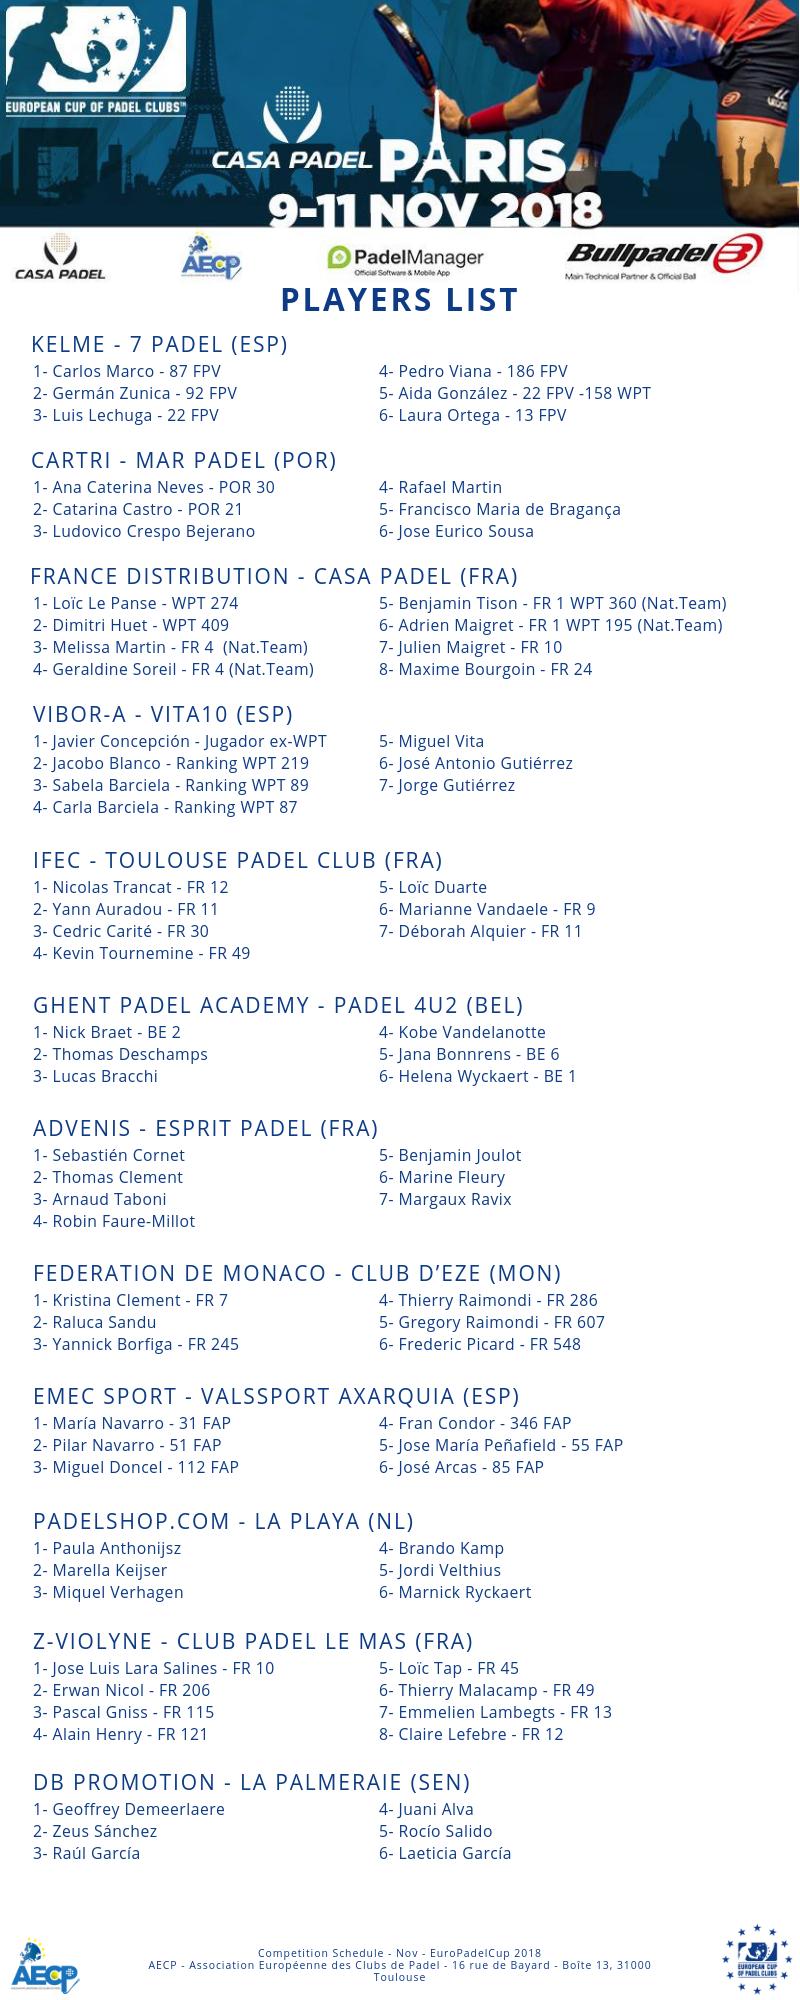 La lista de jugadores de la EuroPadelCup.